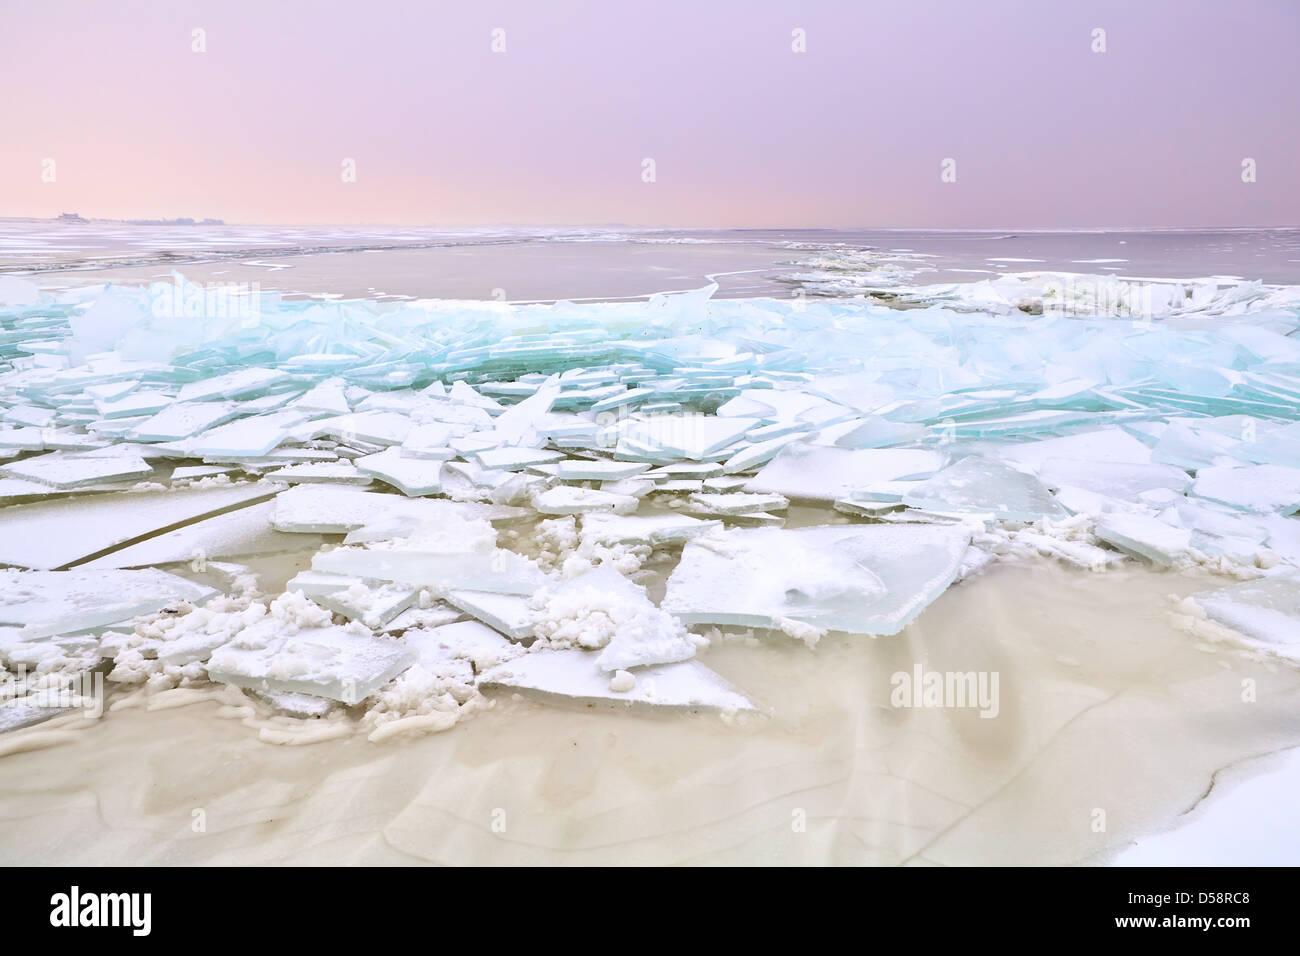 shelf ice on frozen Ijmuiden at sunset, Holland - Stock Image